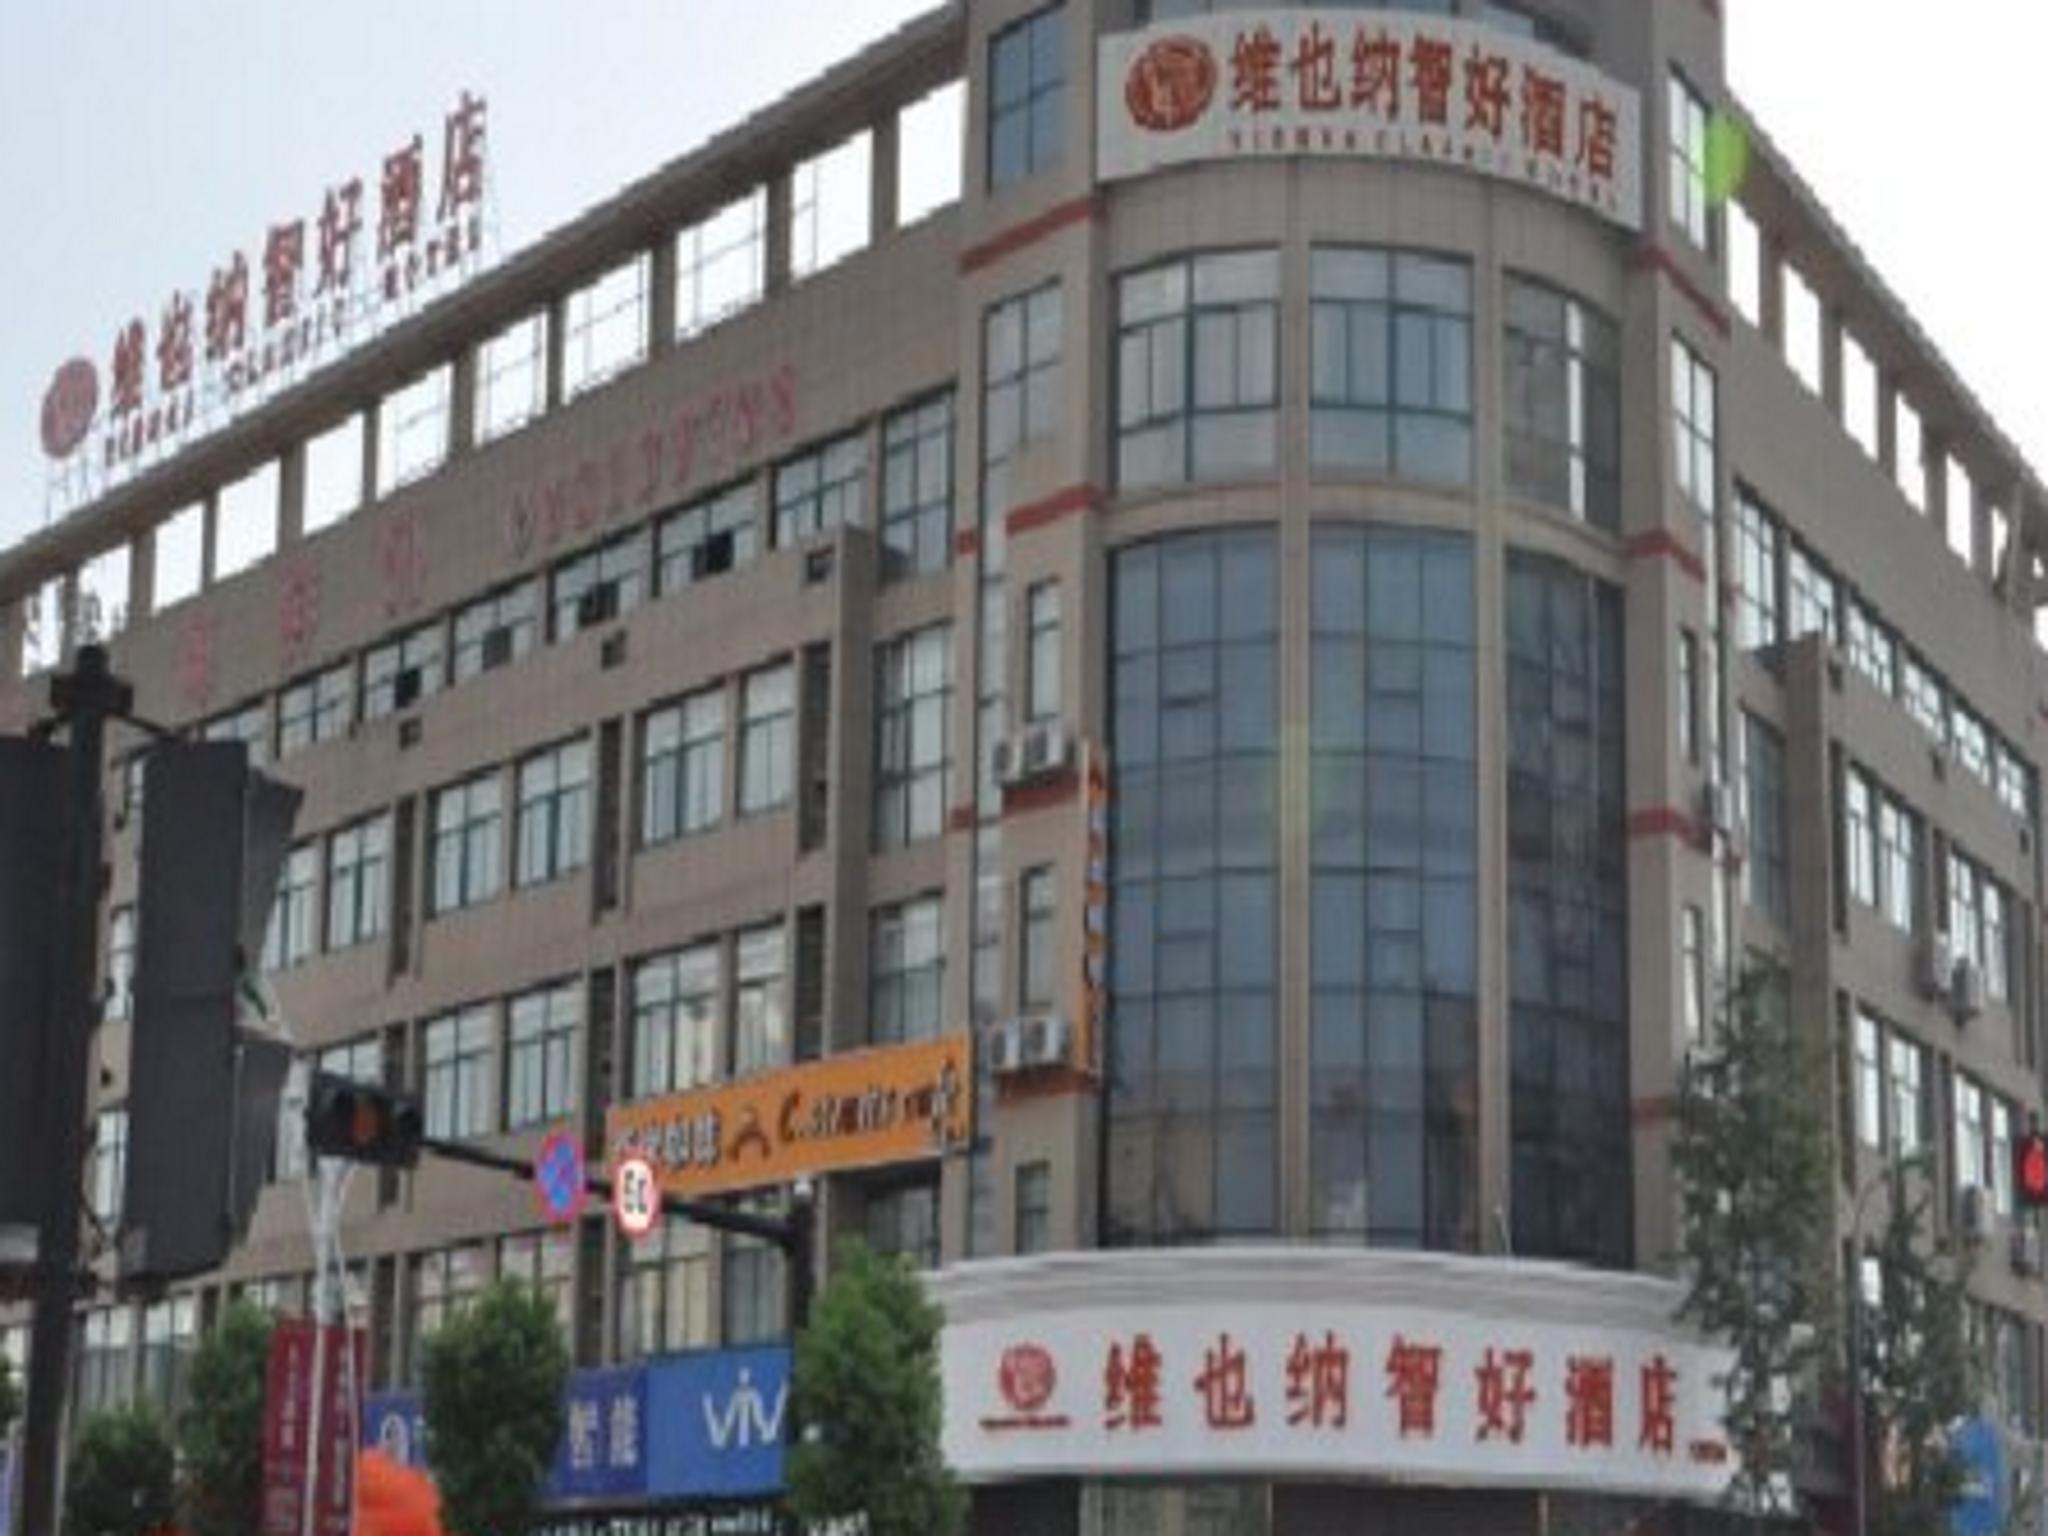 Vienna Hotel Hangzhou Middle Yi Peng Branch